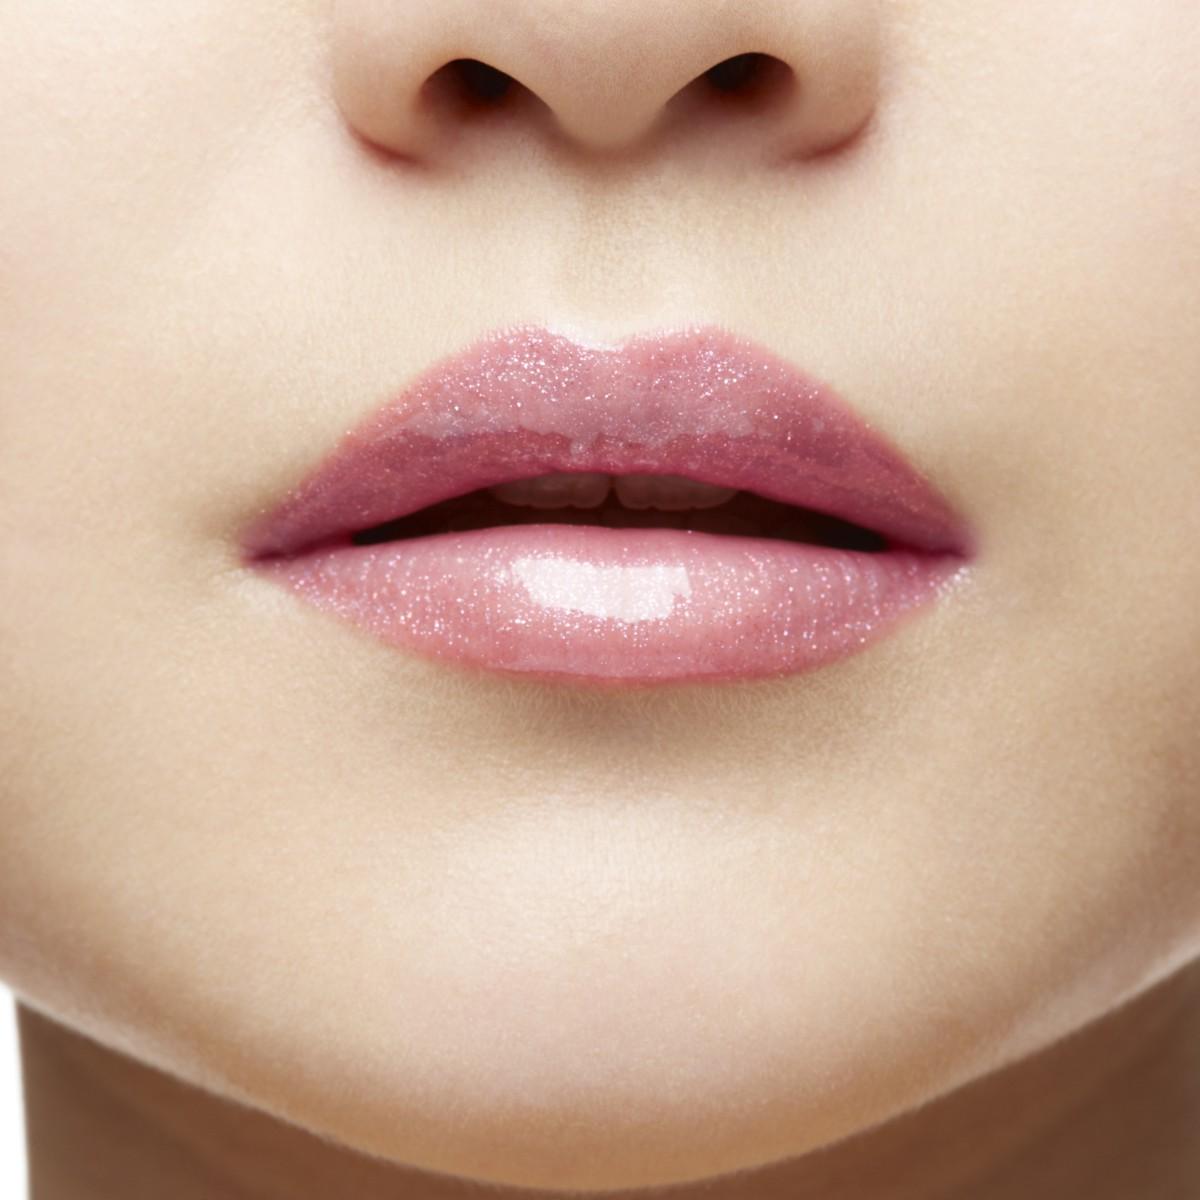 Beauty - Iriza Loubilaque Lip Gloss - Christian Louboutin